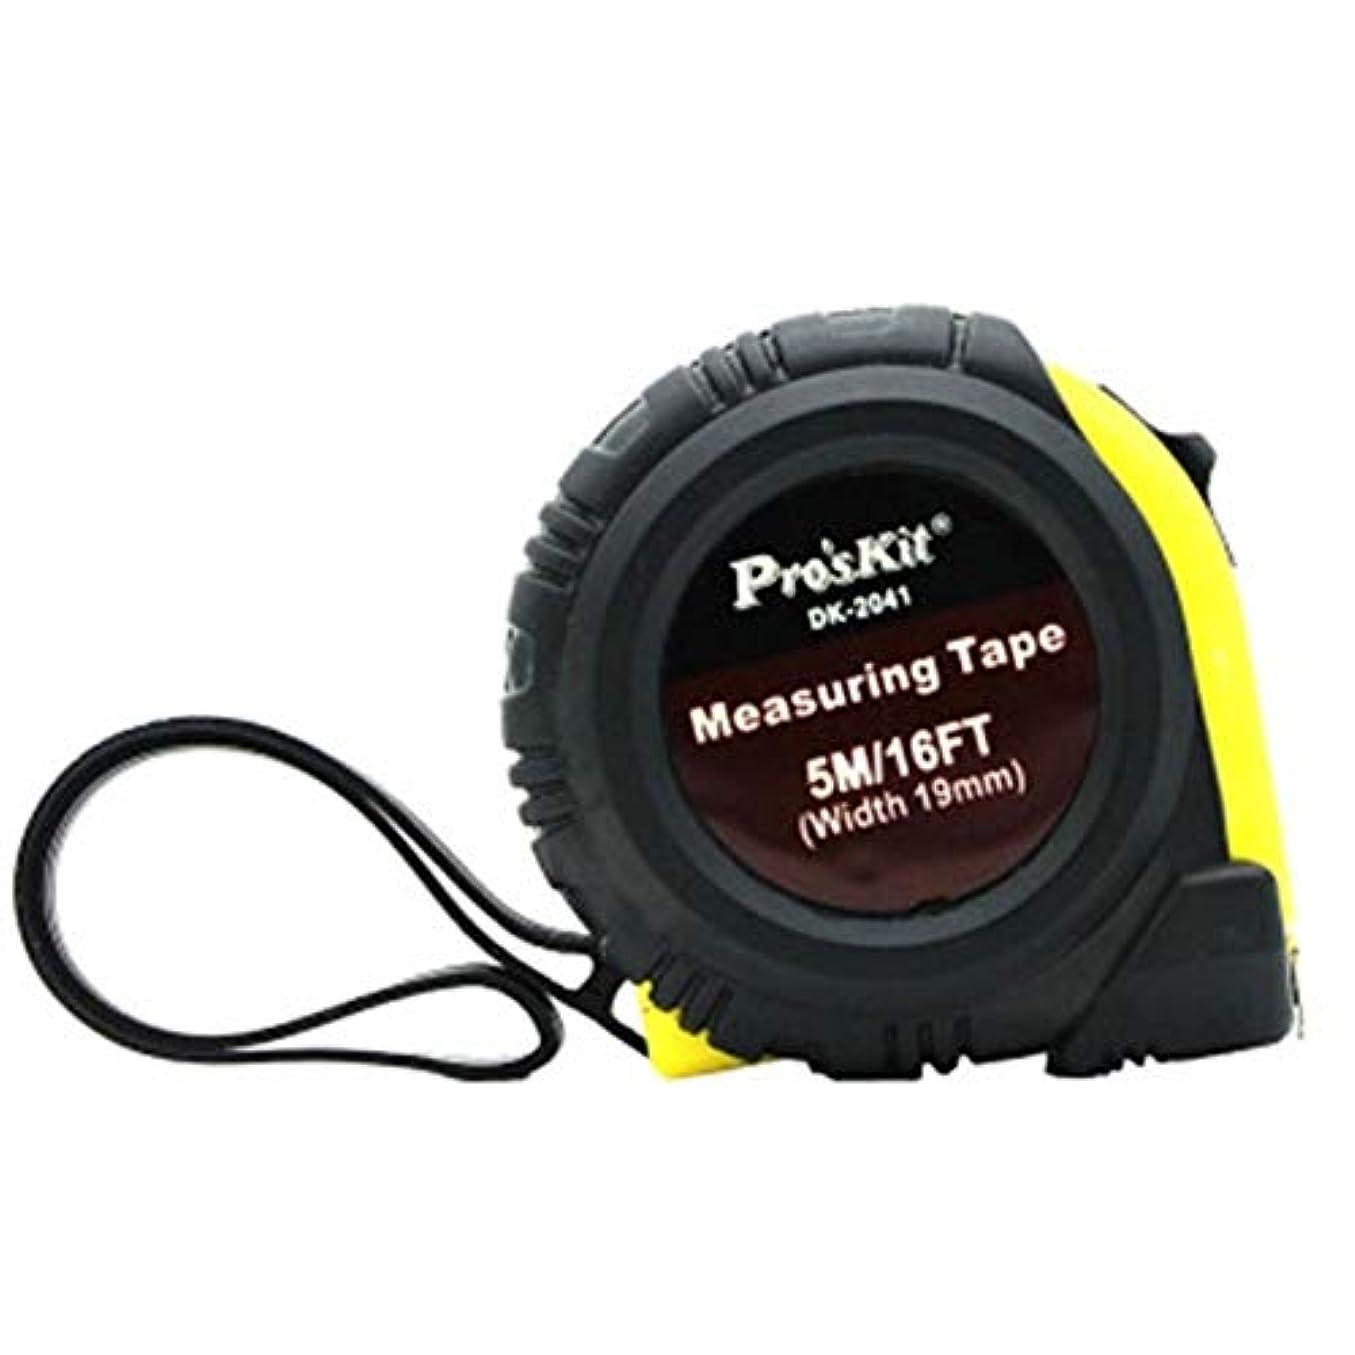 エンゲージメント偽善者の慈悲でMINHUISHANGMAO スチールテープメジャー/テープメジャー/ルーラー/ルーラー/テープメジャーツール、5 M強磁気抵抗落下テープメジャー、スチールテープメジャーボックス標準測定ツールメトリックシステムディスプレイ、ブラック (Color : Black, Size : 5m)